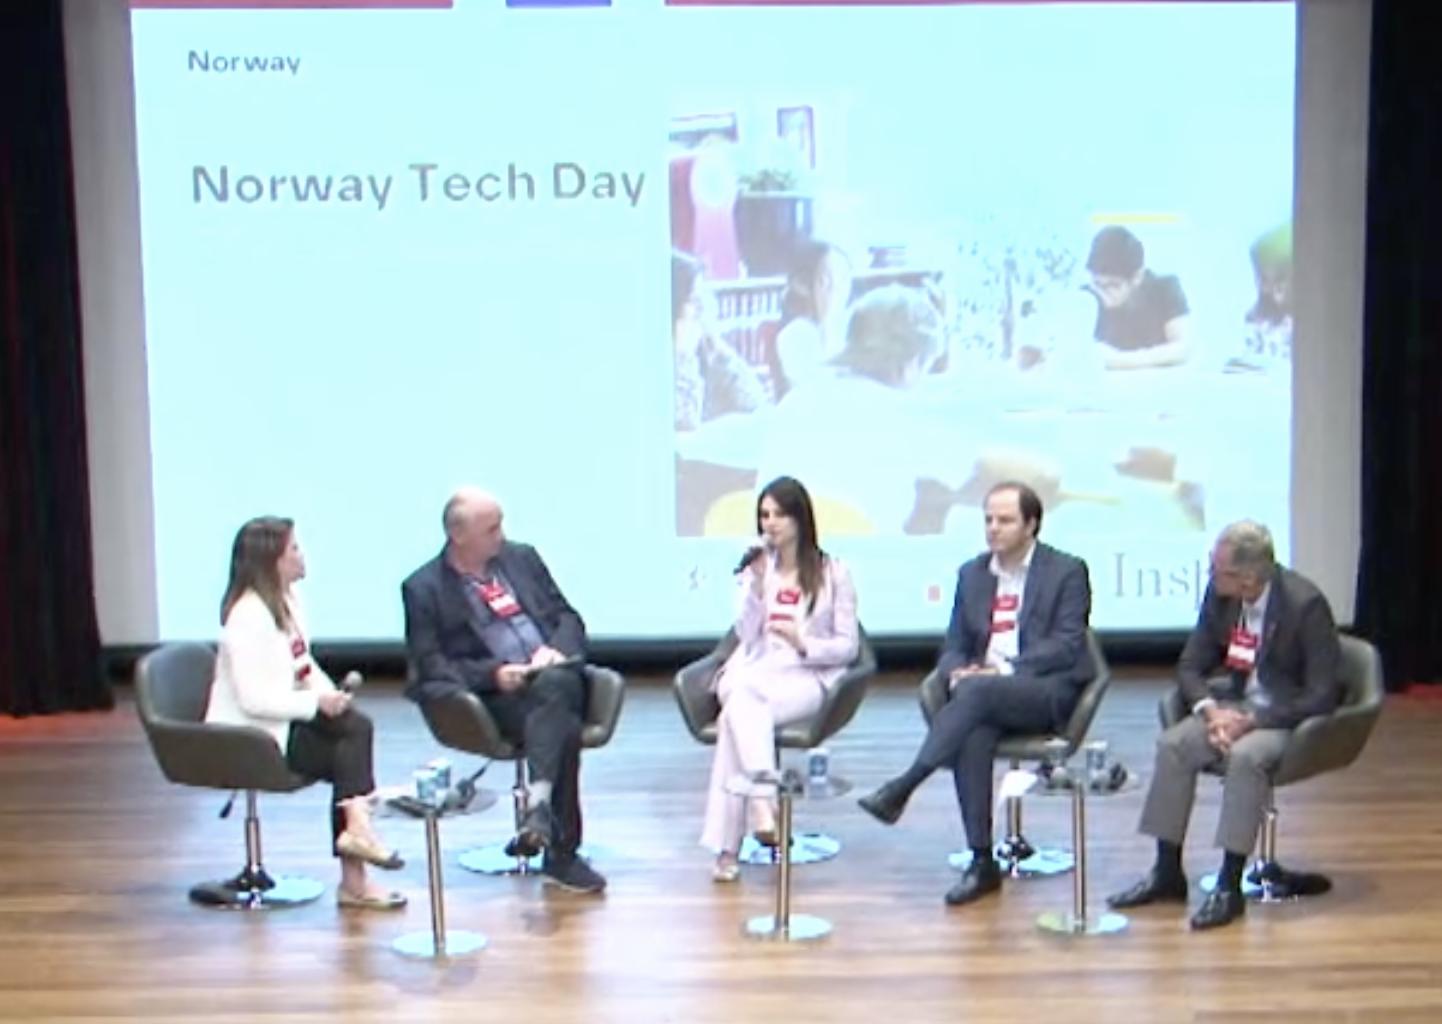 Cinco pessoas no palco, duas mulheres e três homens, sentados em cadeiras